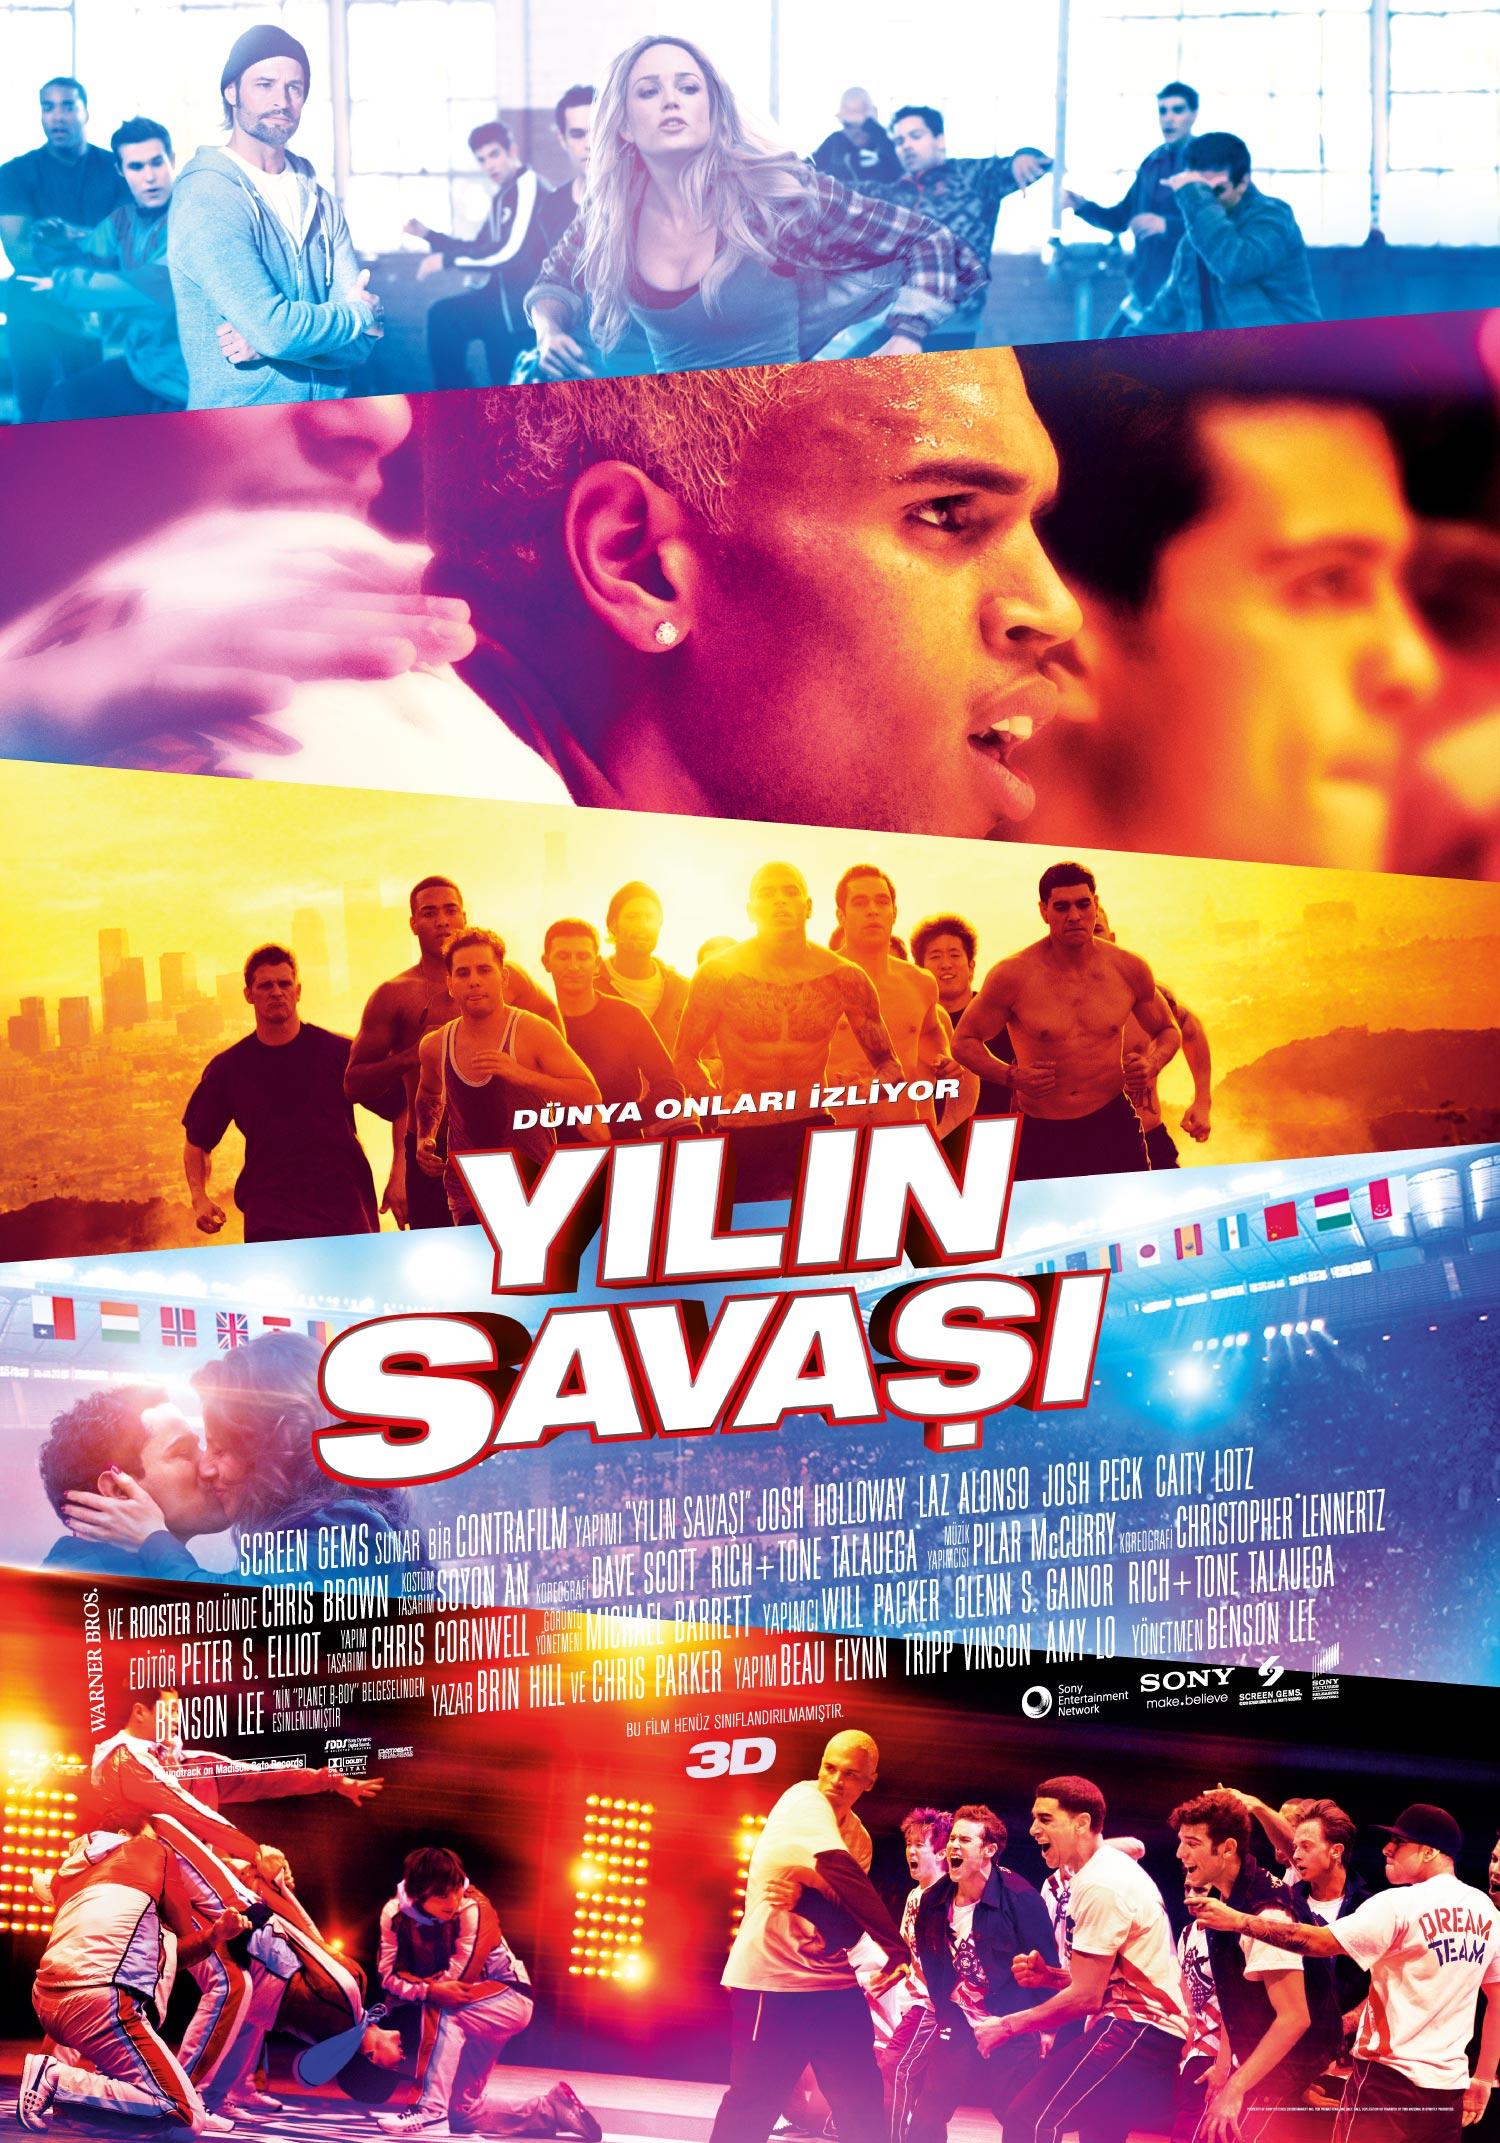 Yılın Savaşı Filmi Afişi